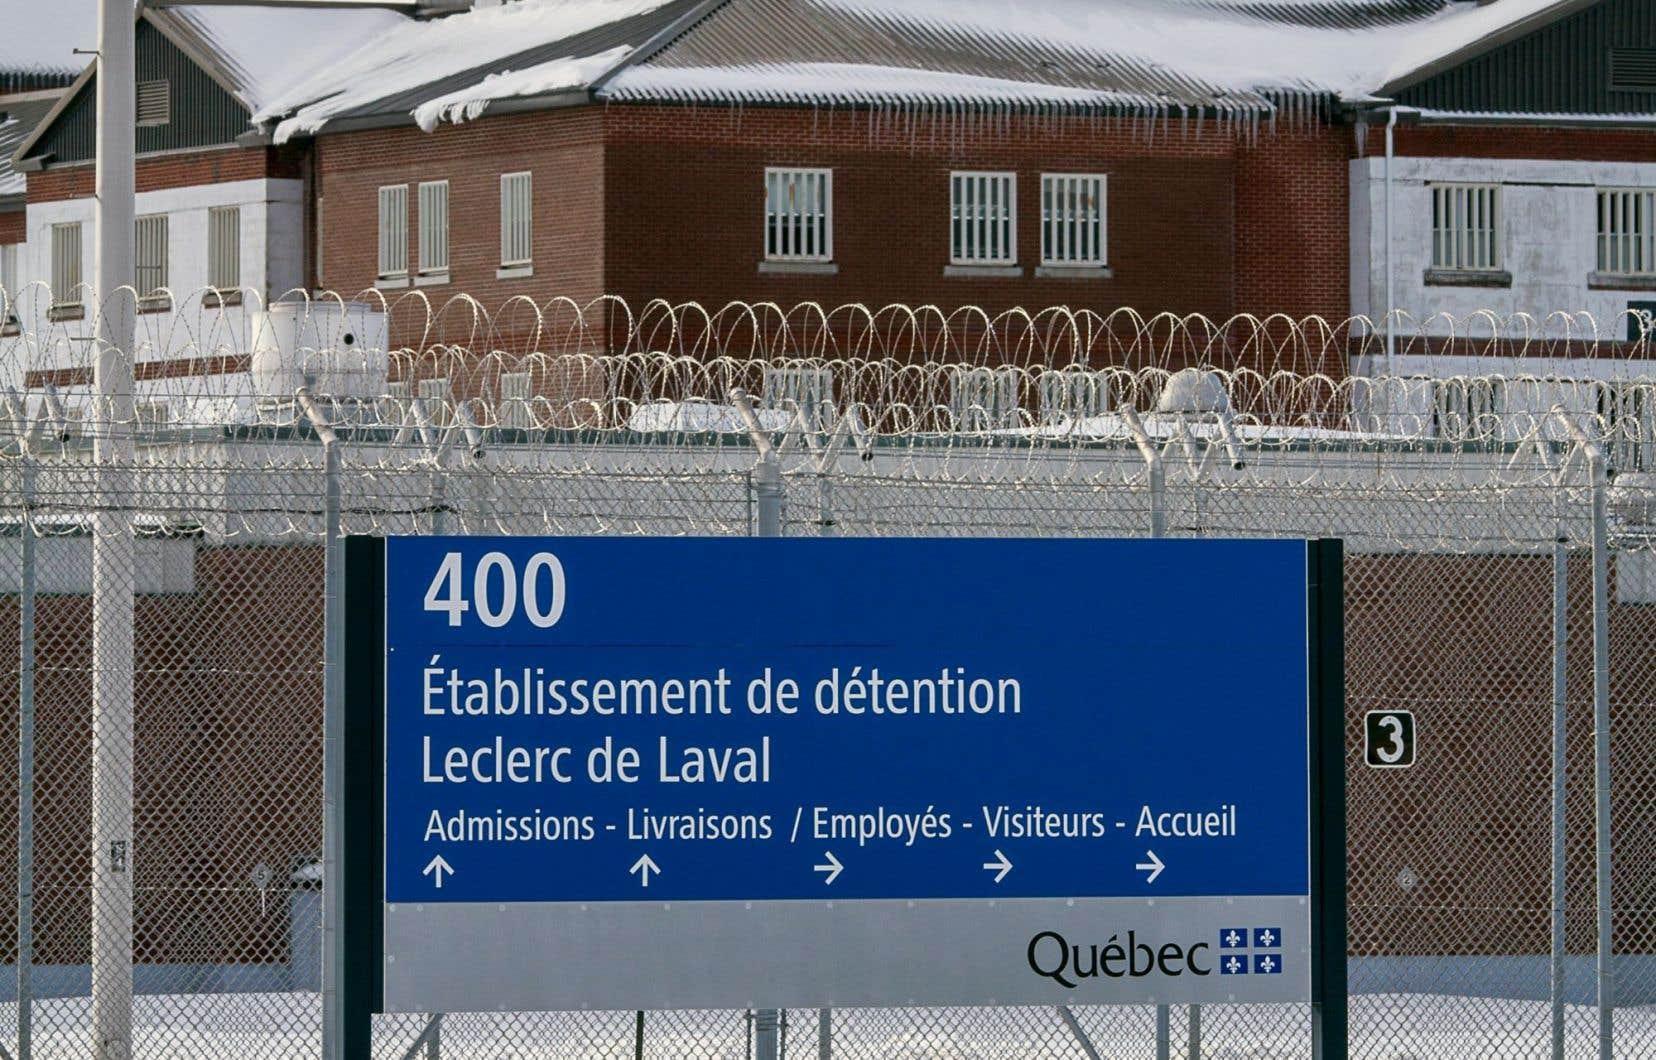 L'établissement Leclerc avait jadis été fermé par le fédéral, parce que jugé vétuste. Québec s'en est ensuite porté acquéreur parce que ses propres établissements étaient surpeuplés.